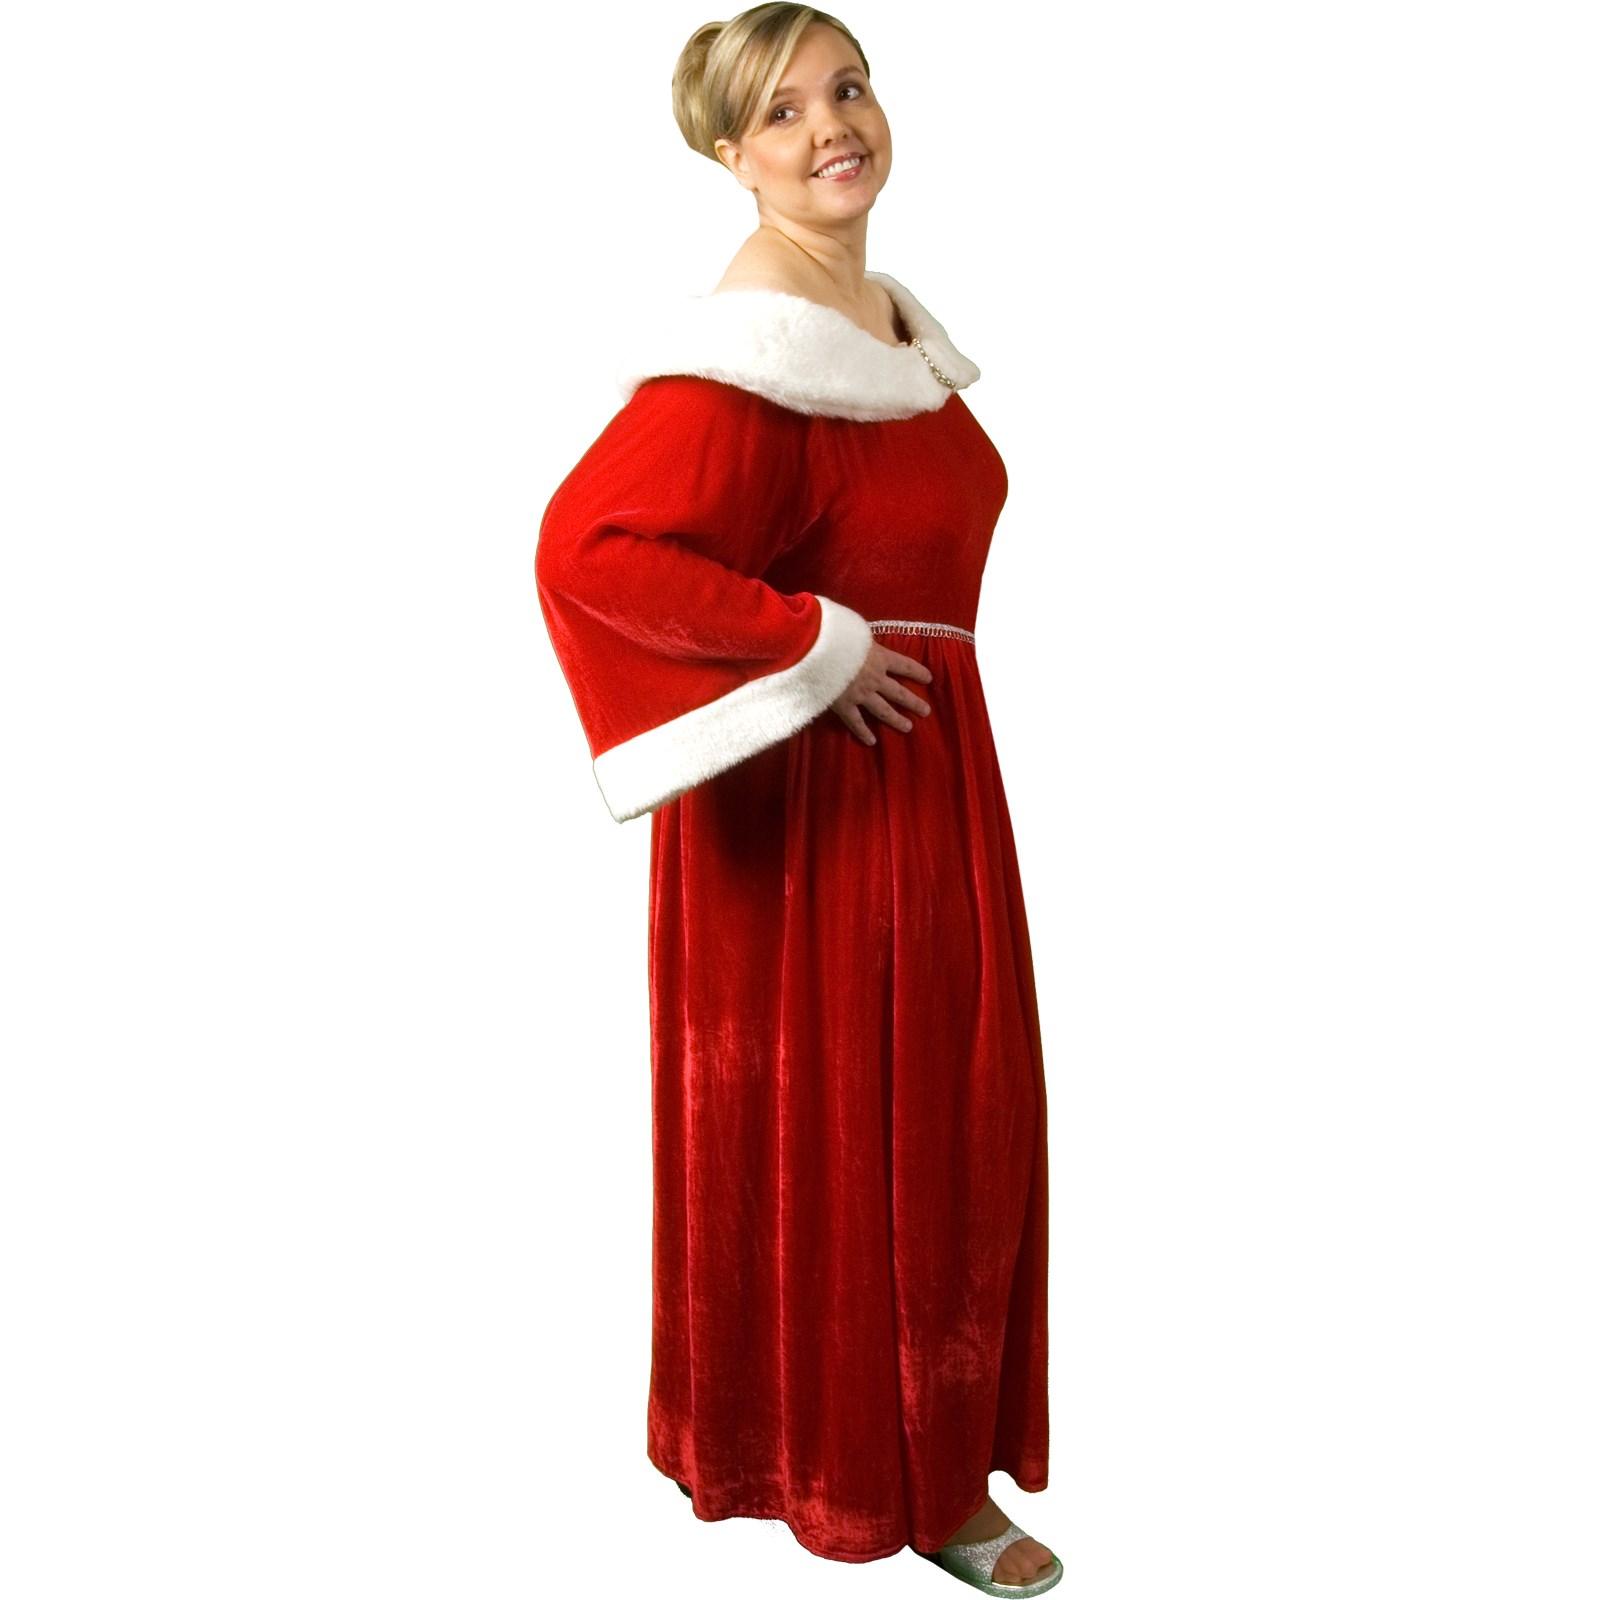 Fancy dress buy